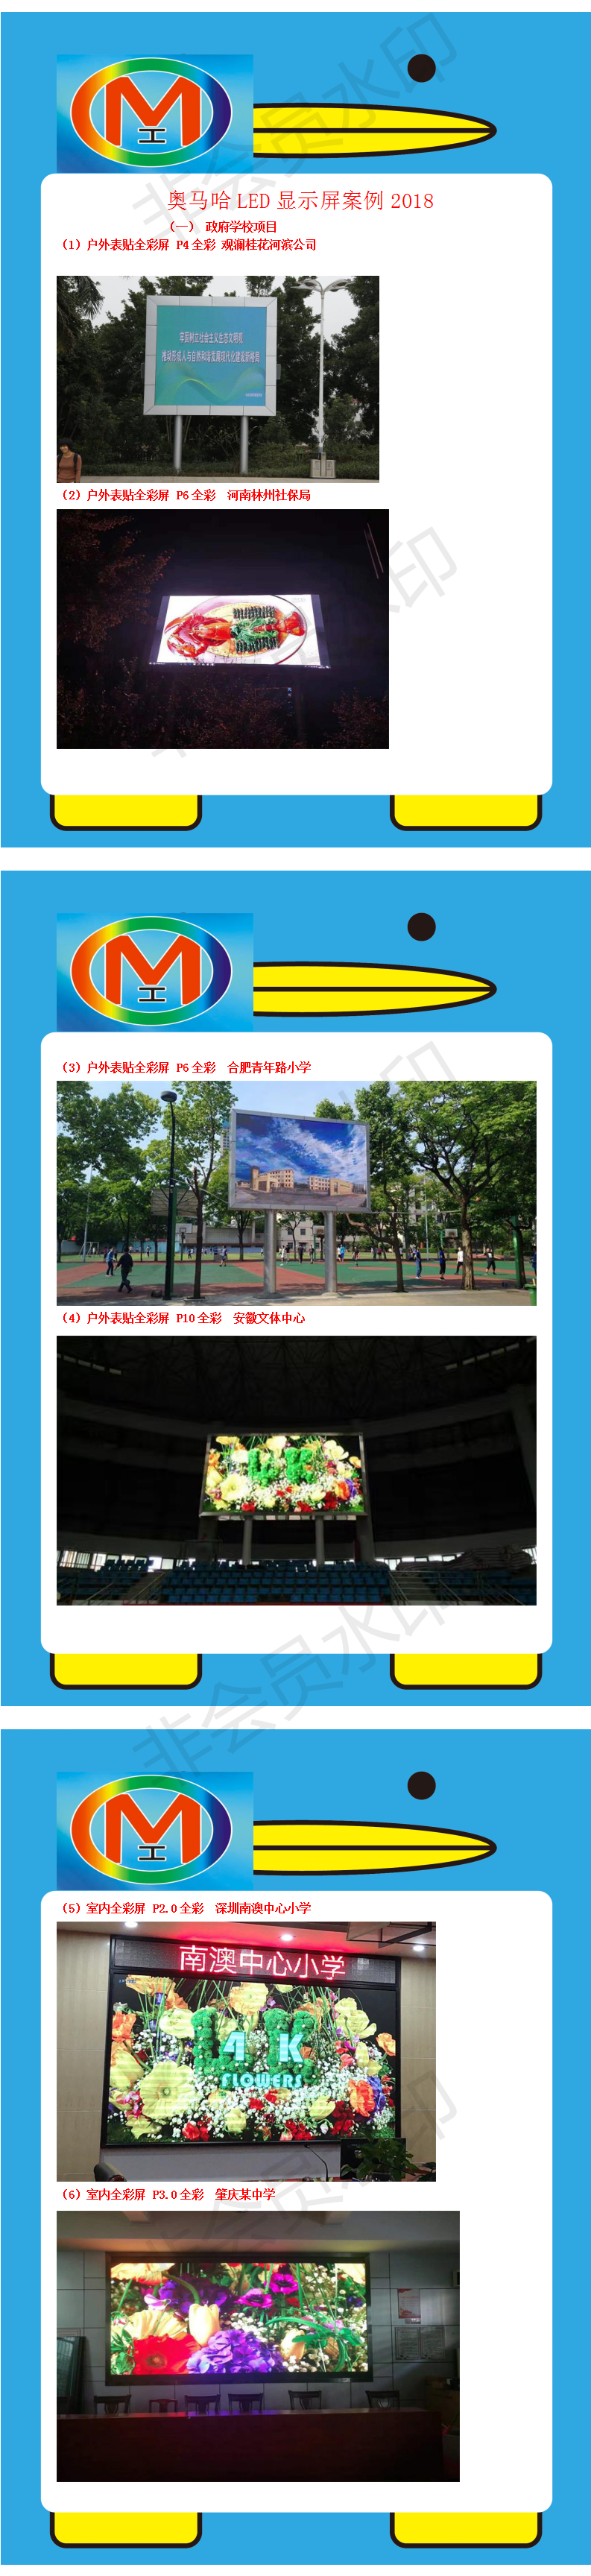 高雄市士老爷庙P3户外全彩显示屏6平方(奥马哈)